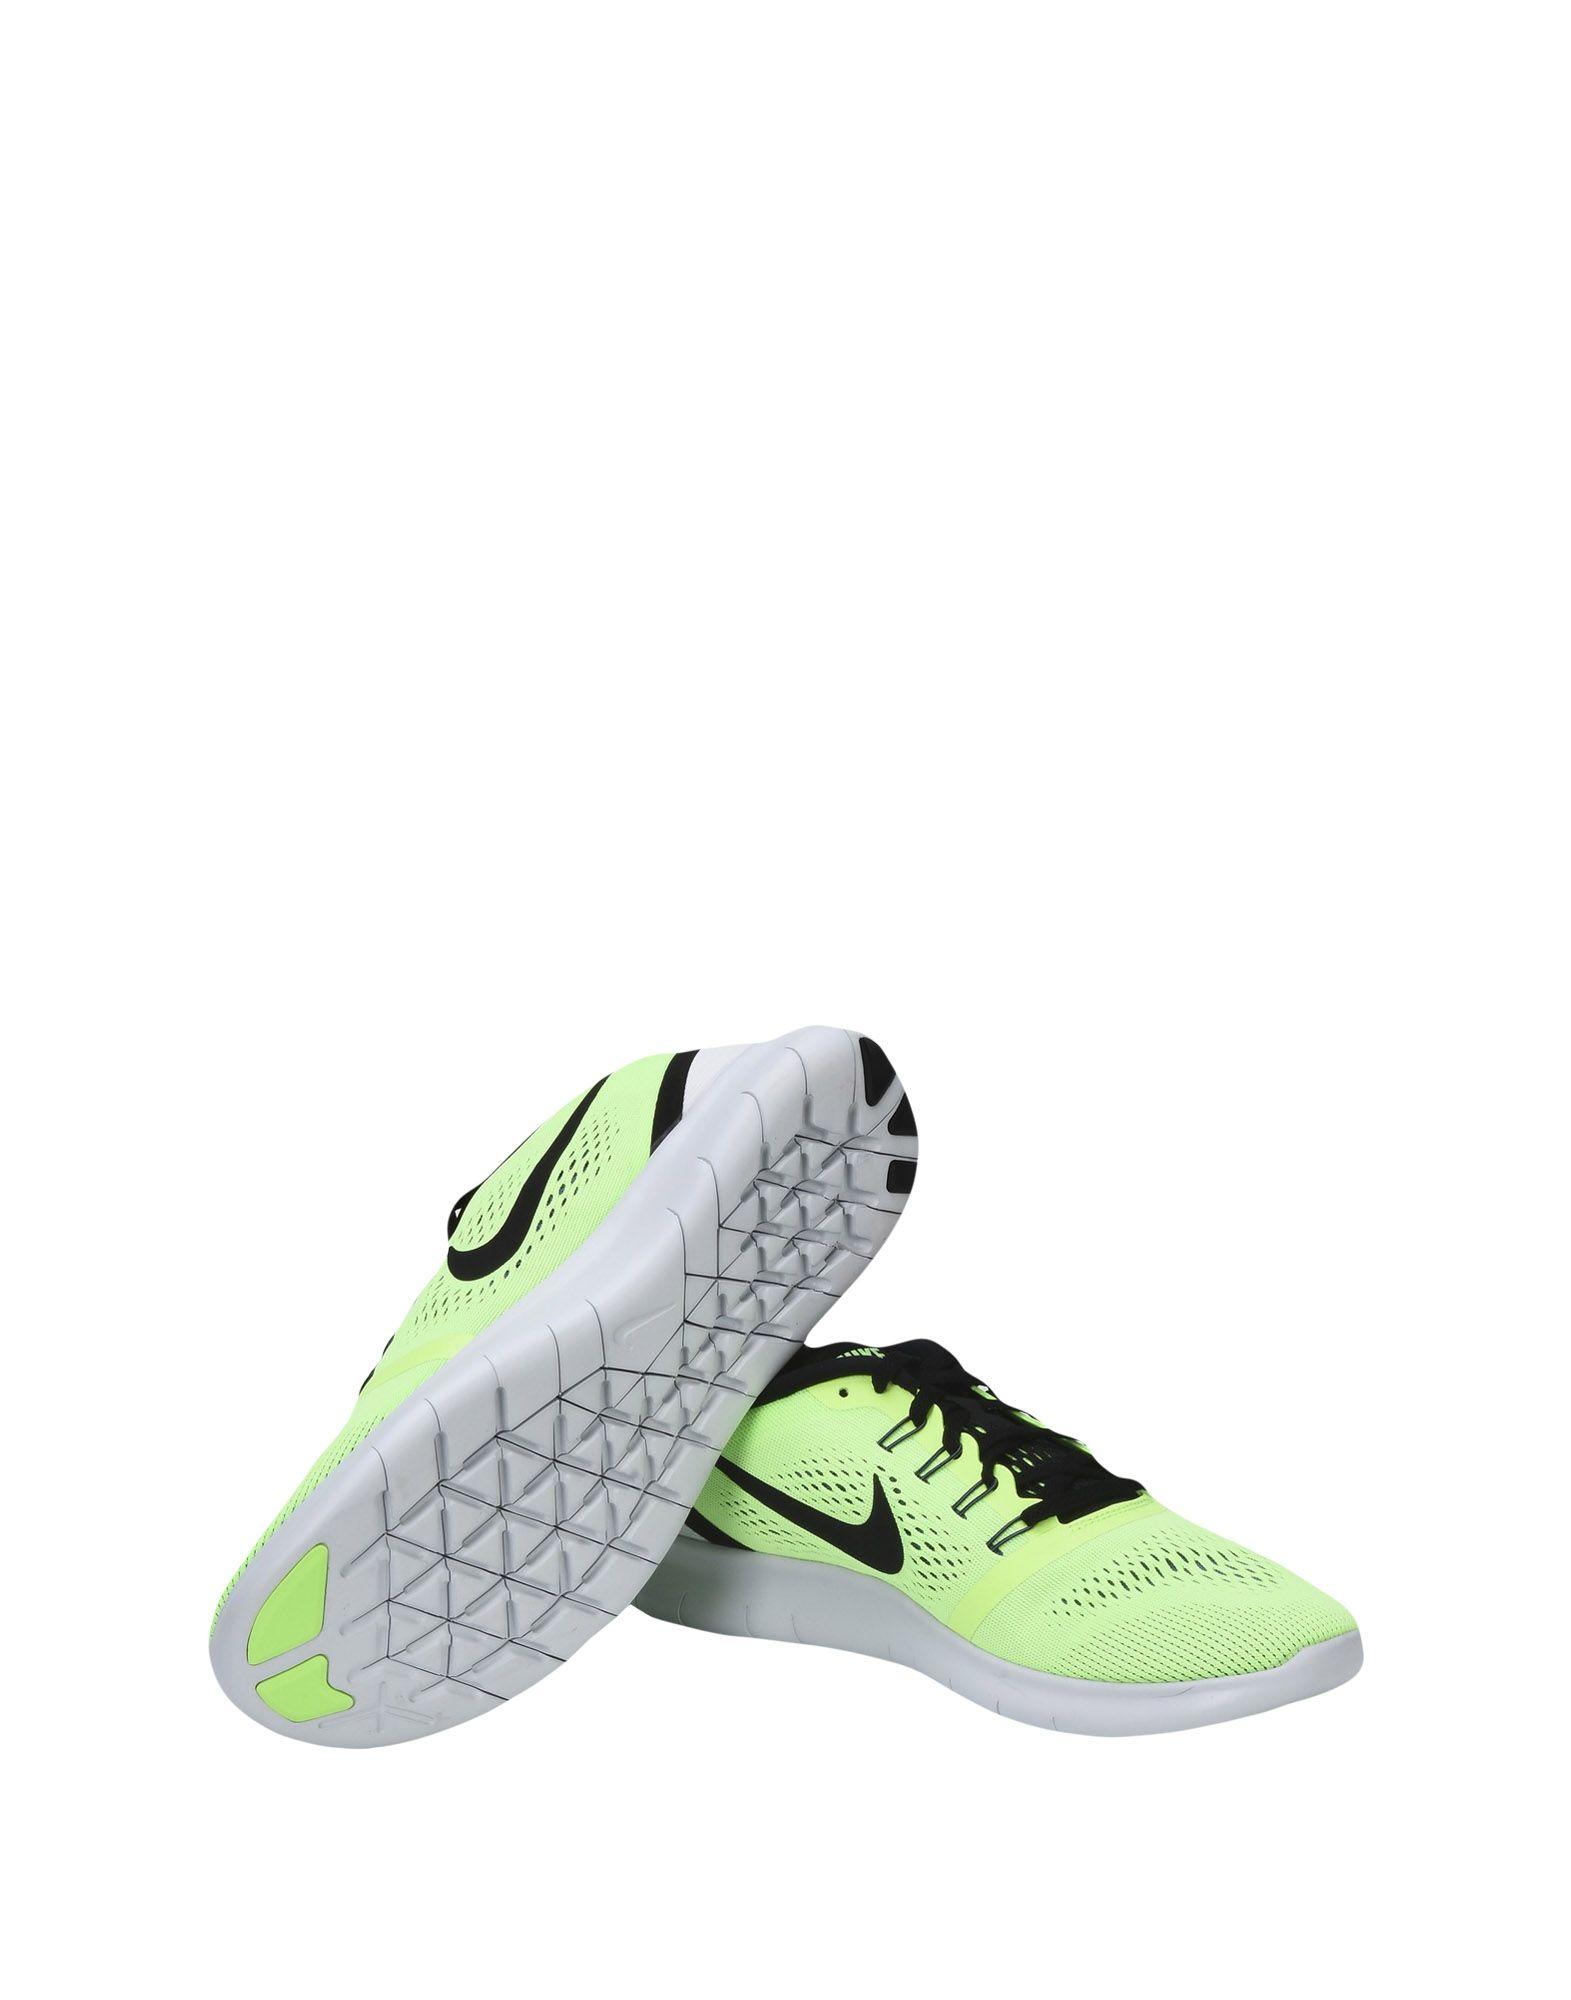 Sneakers Nike  Free Run - Homme - Sneakers Nike sur